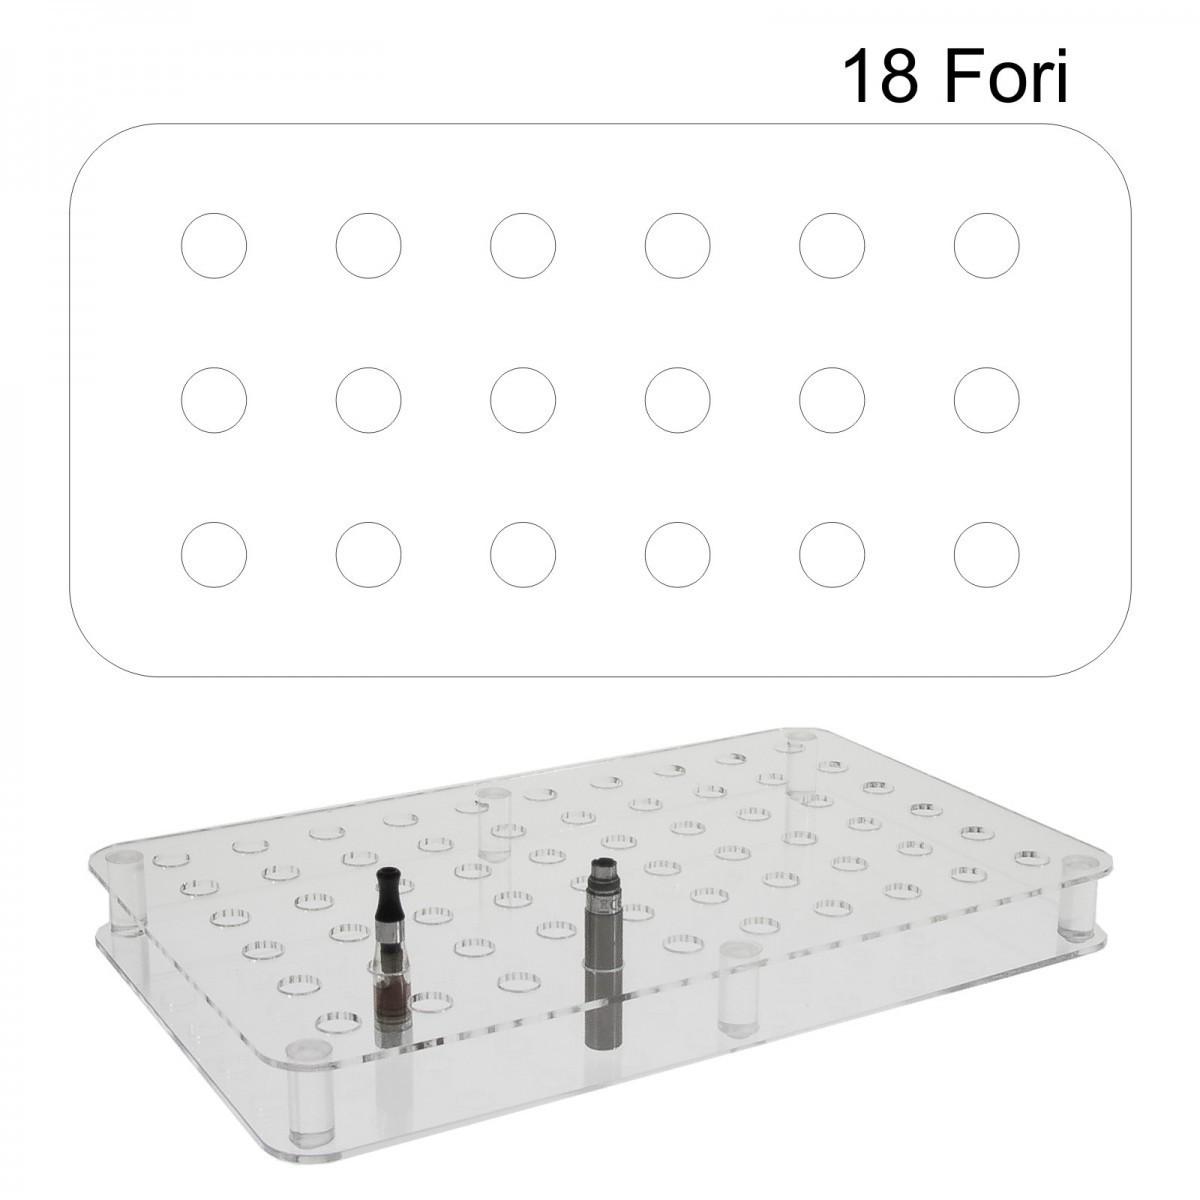 E-264 - Porta atomizzatori per sigarette elettroniche